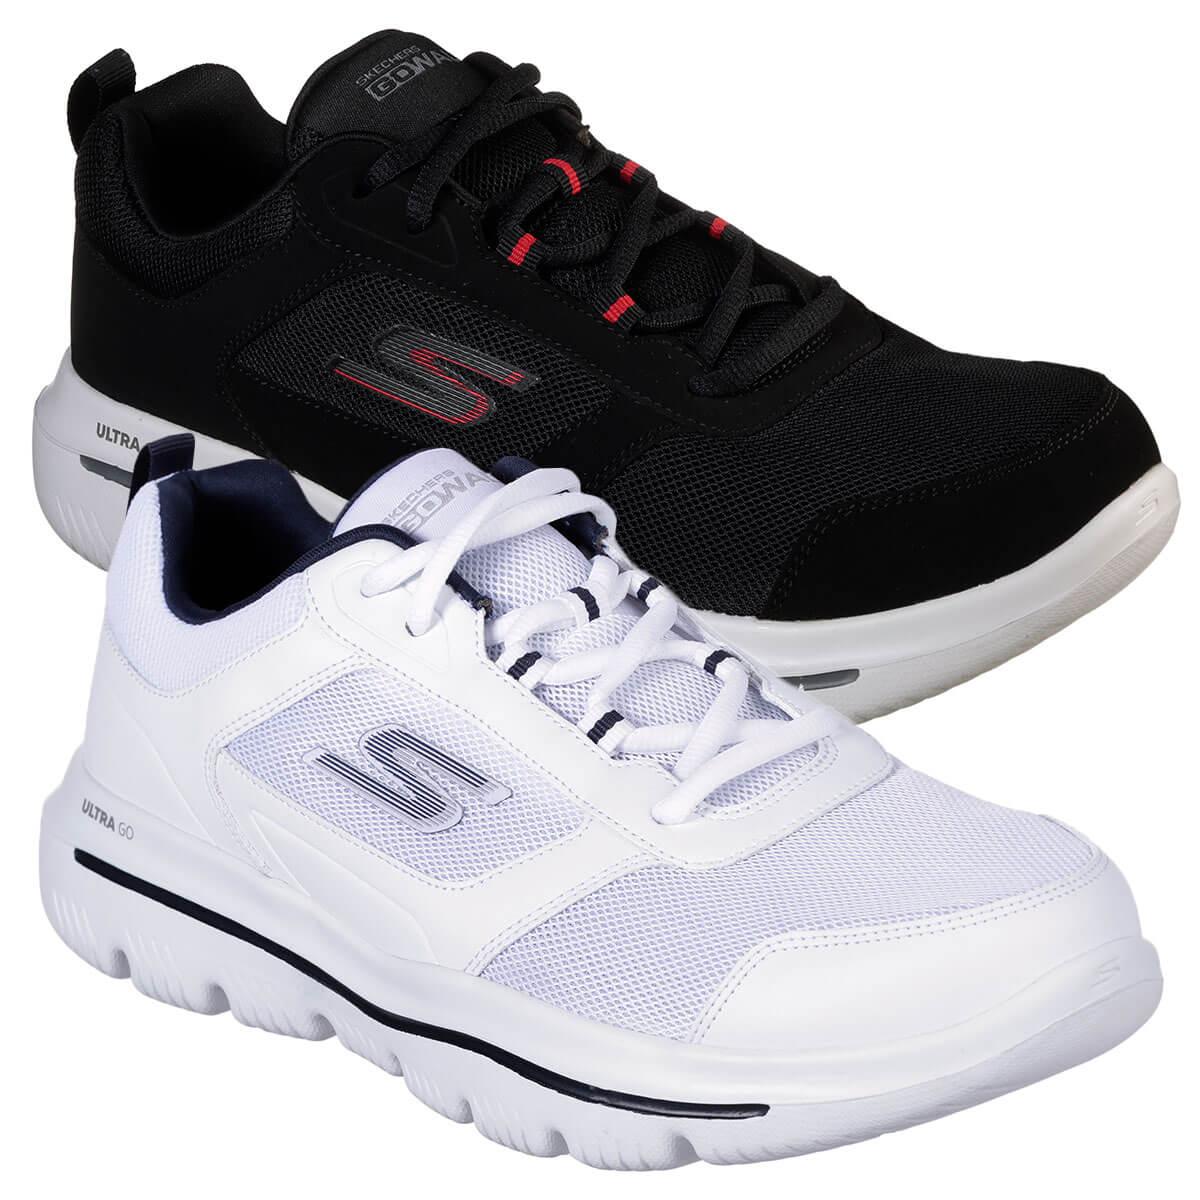 GOwalk Evolution Ultra Enhance Sneaker Men's